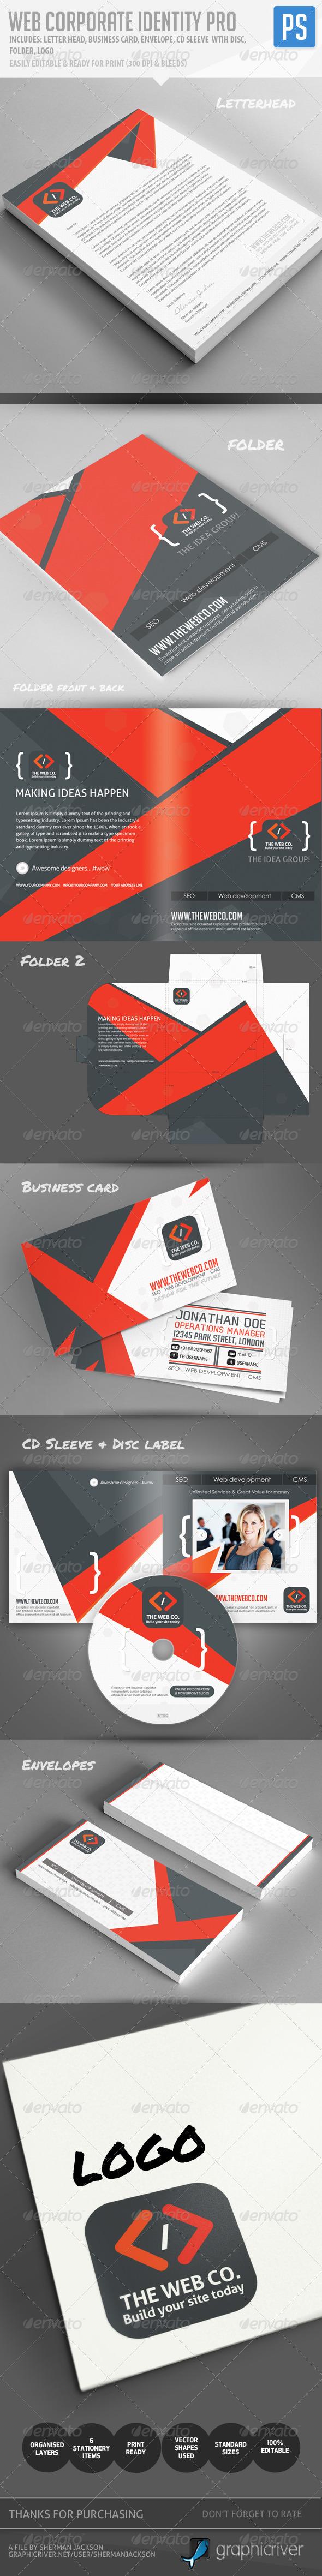 GraphicRiver Web Corporate Identity Pro 4870482